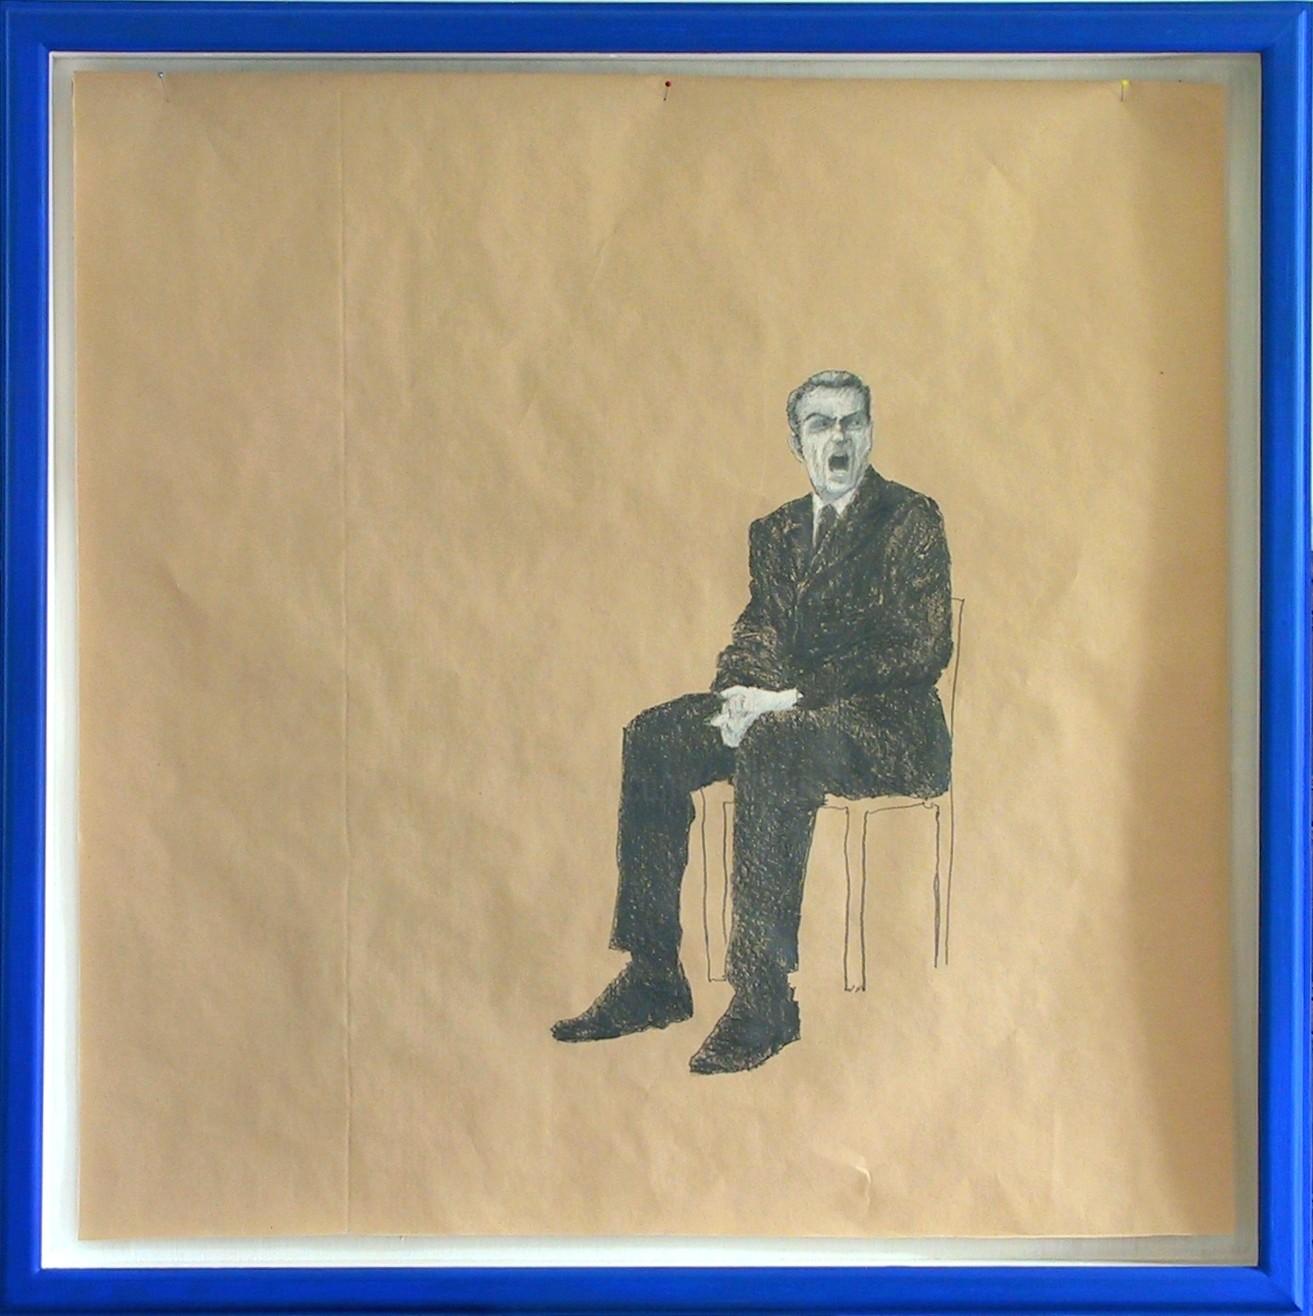 Jean-Yves Verne - Gentleman damnocrat - 7